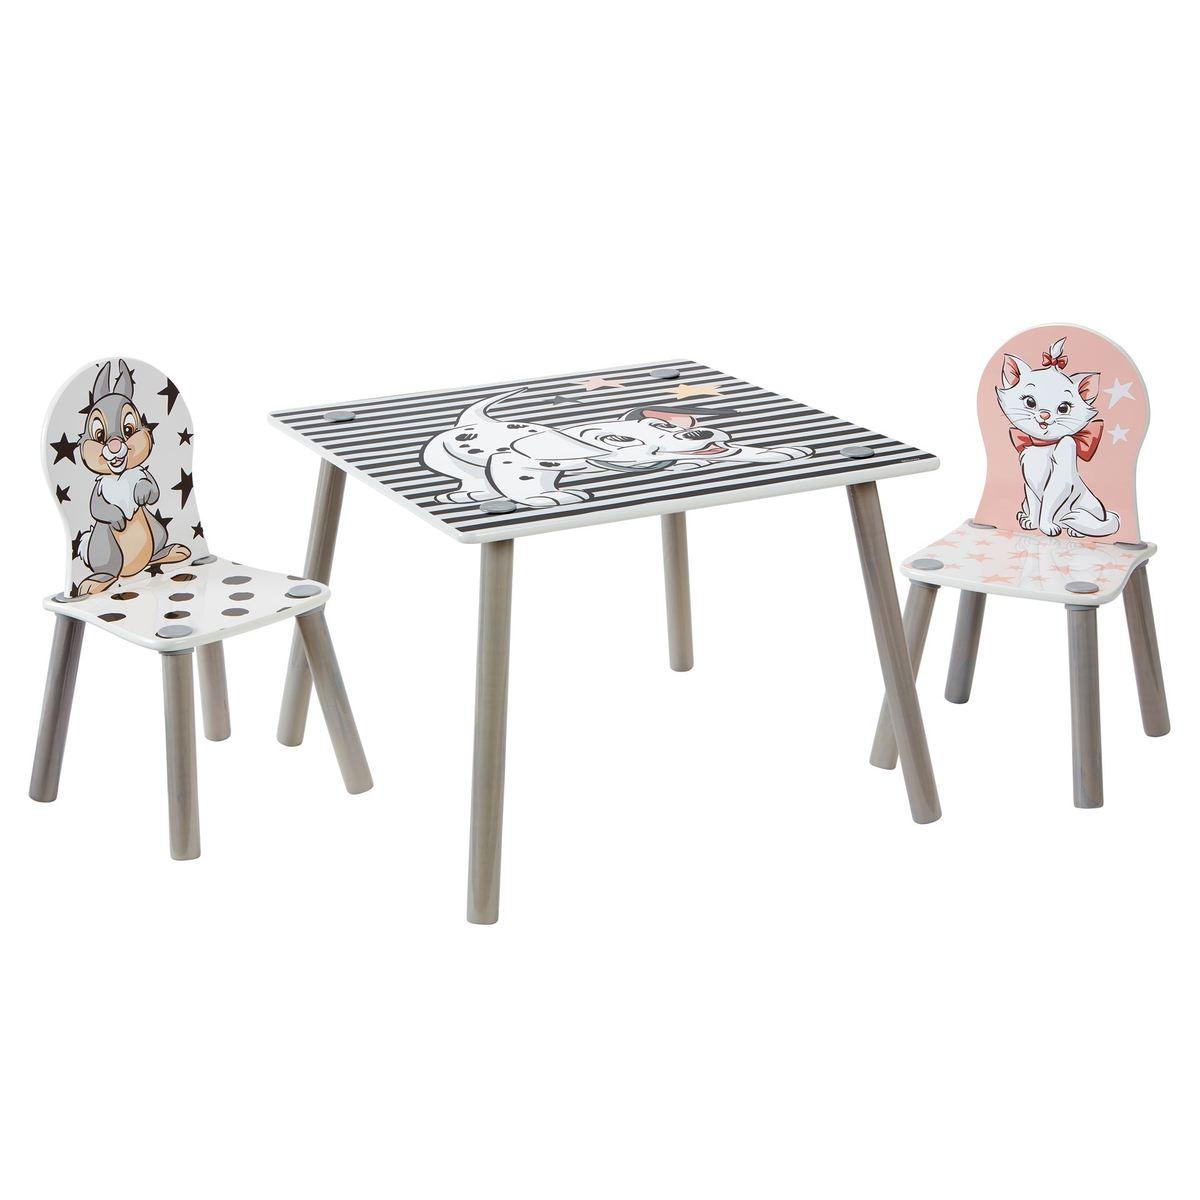 Ourbaby dětský stůl se židlemi Disney fun 31785